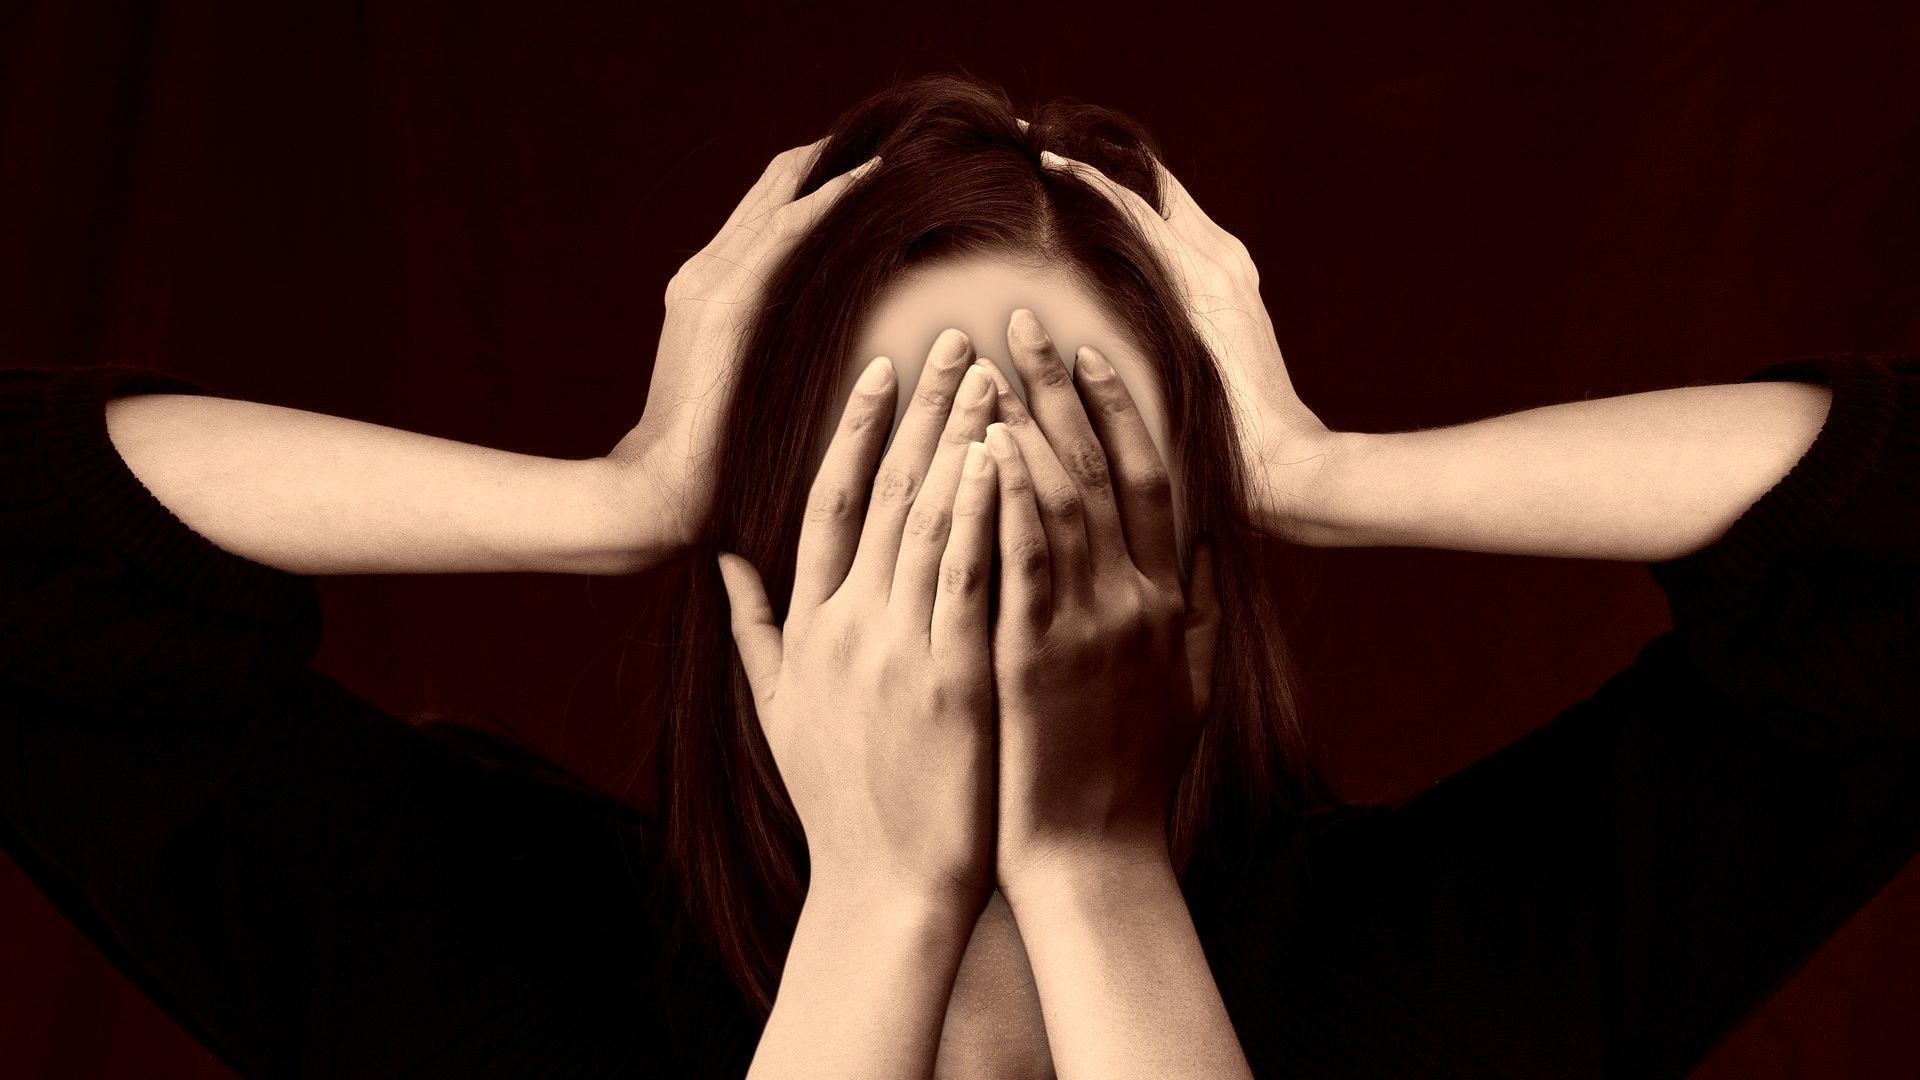 Это все у вас в голове: психосоматика и реальные заболевания